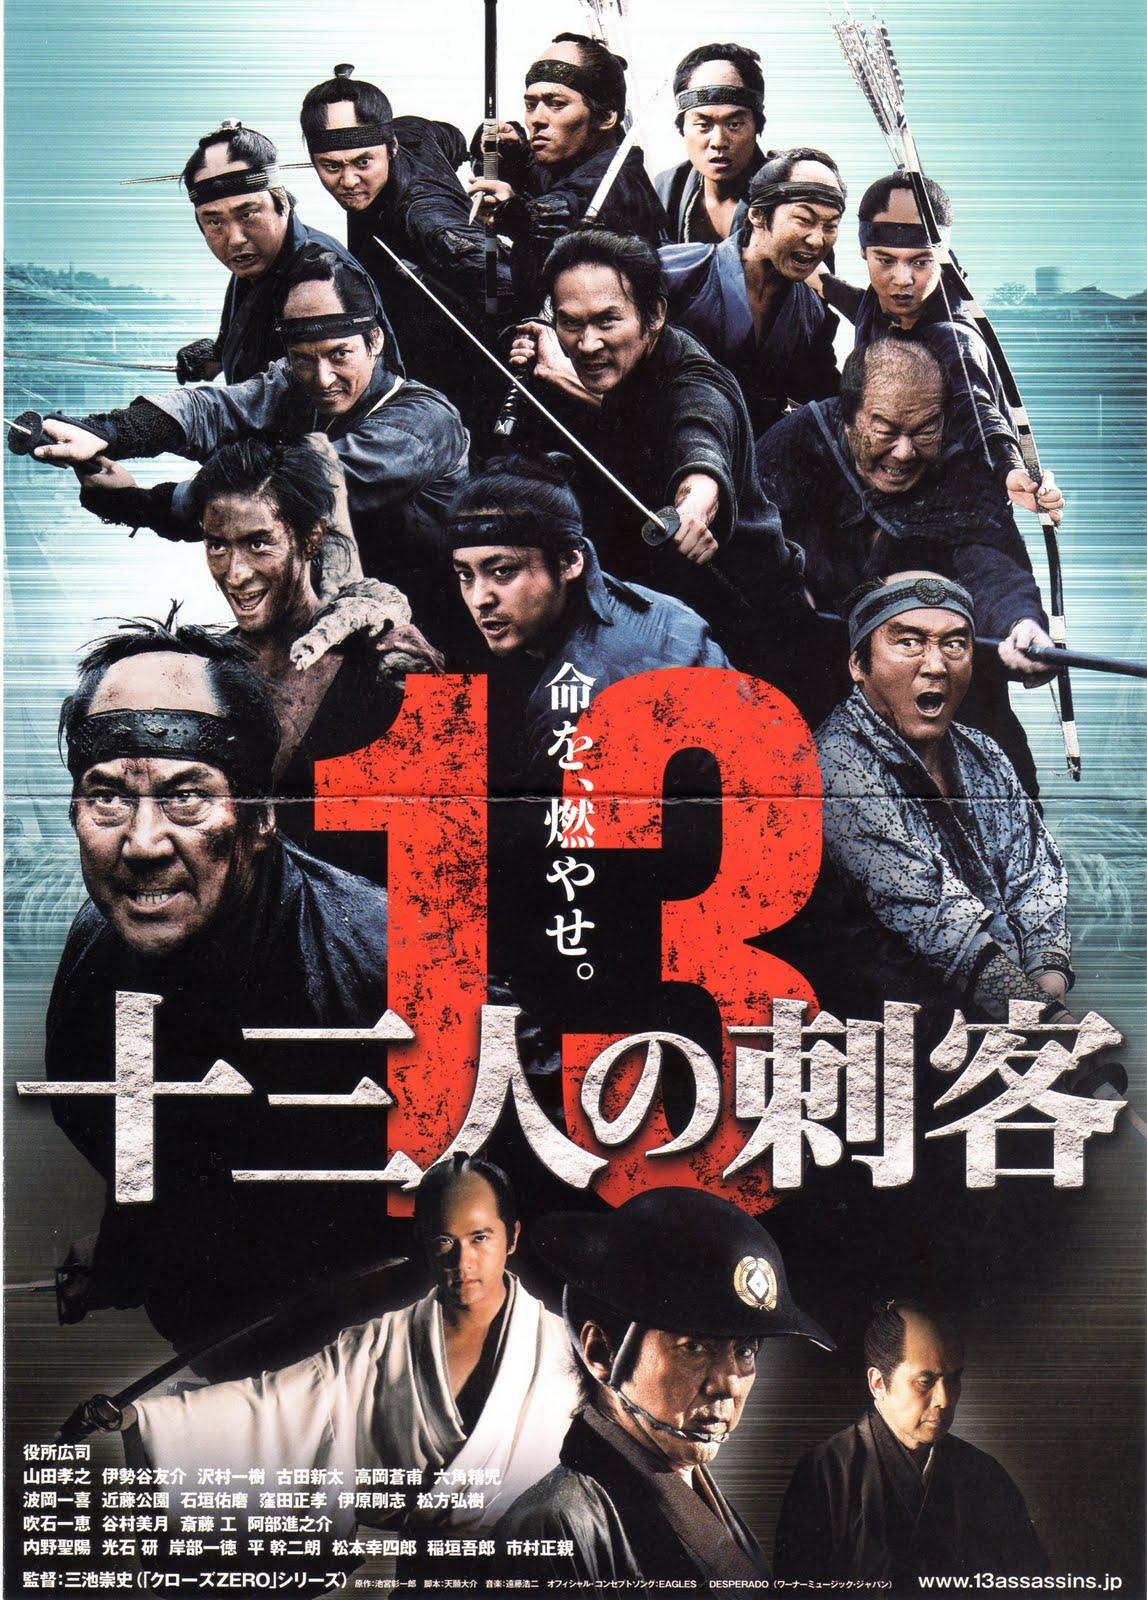 ცამეტი მკვლელი (ქართულად) 13 Assassins 13 yбийц